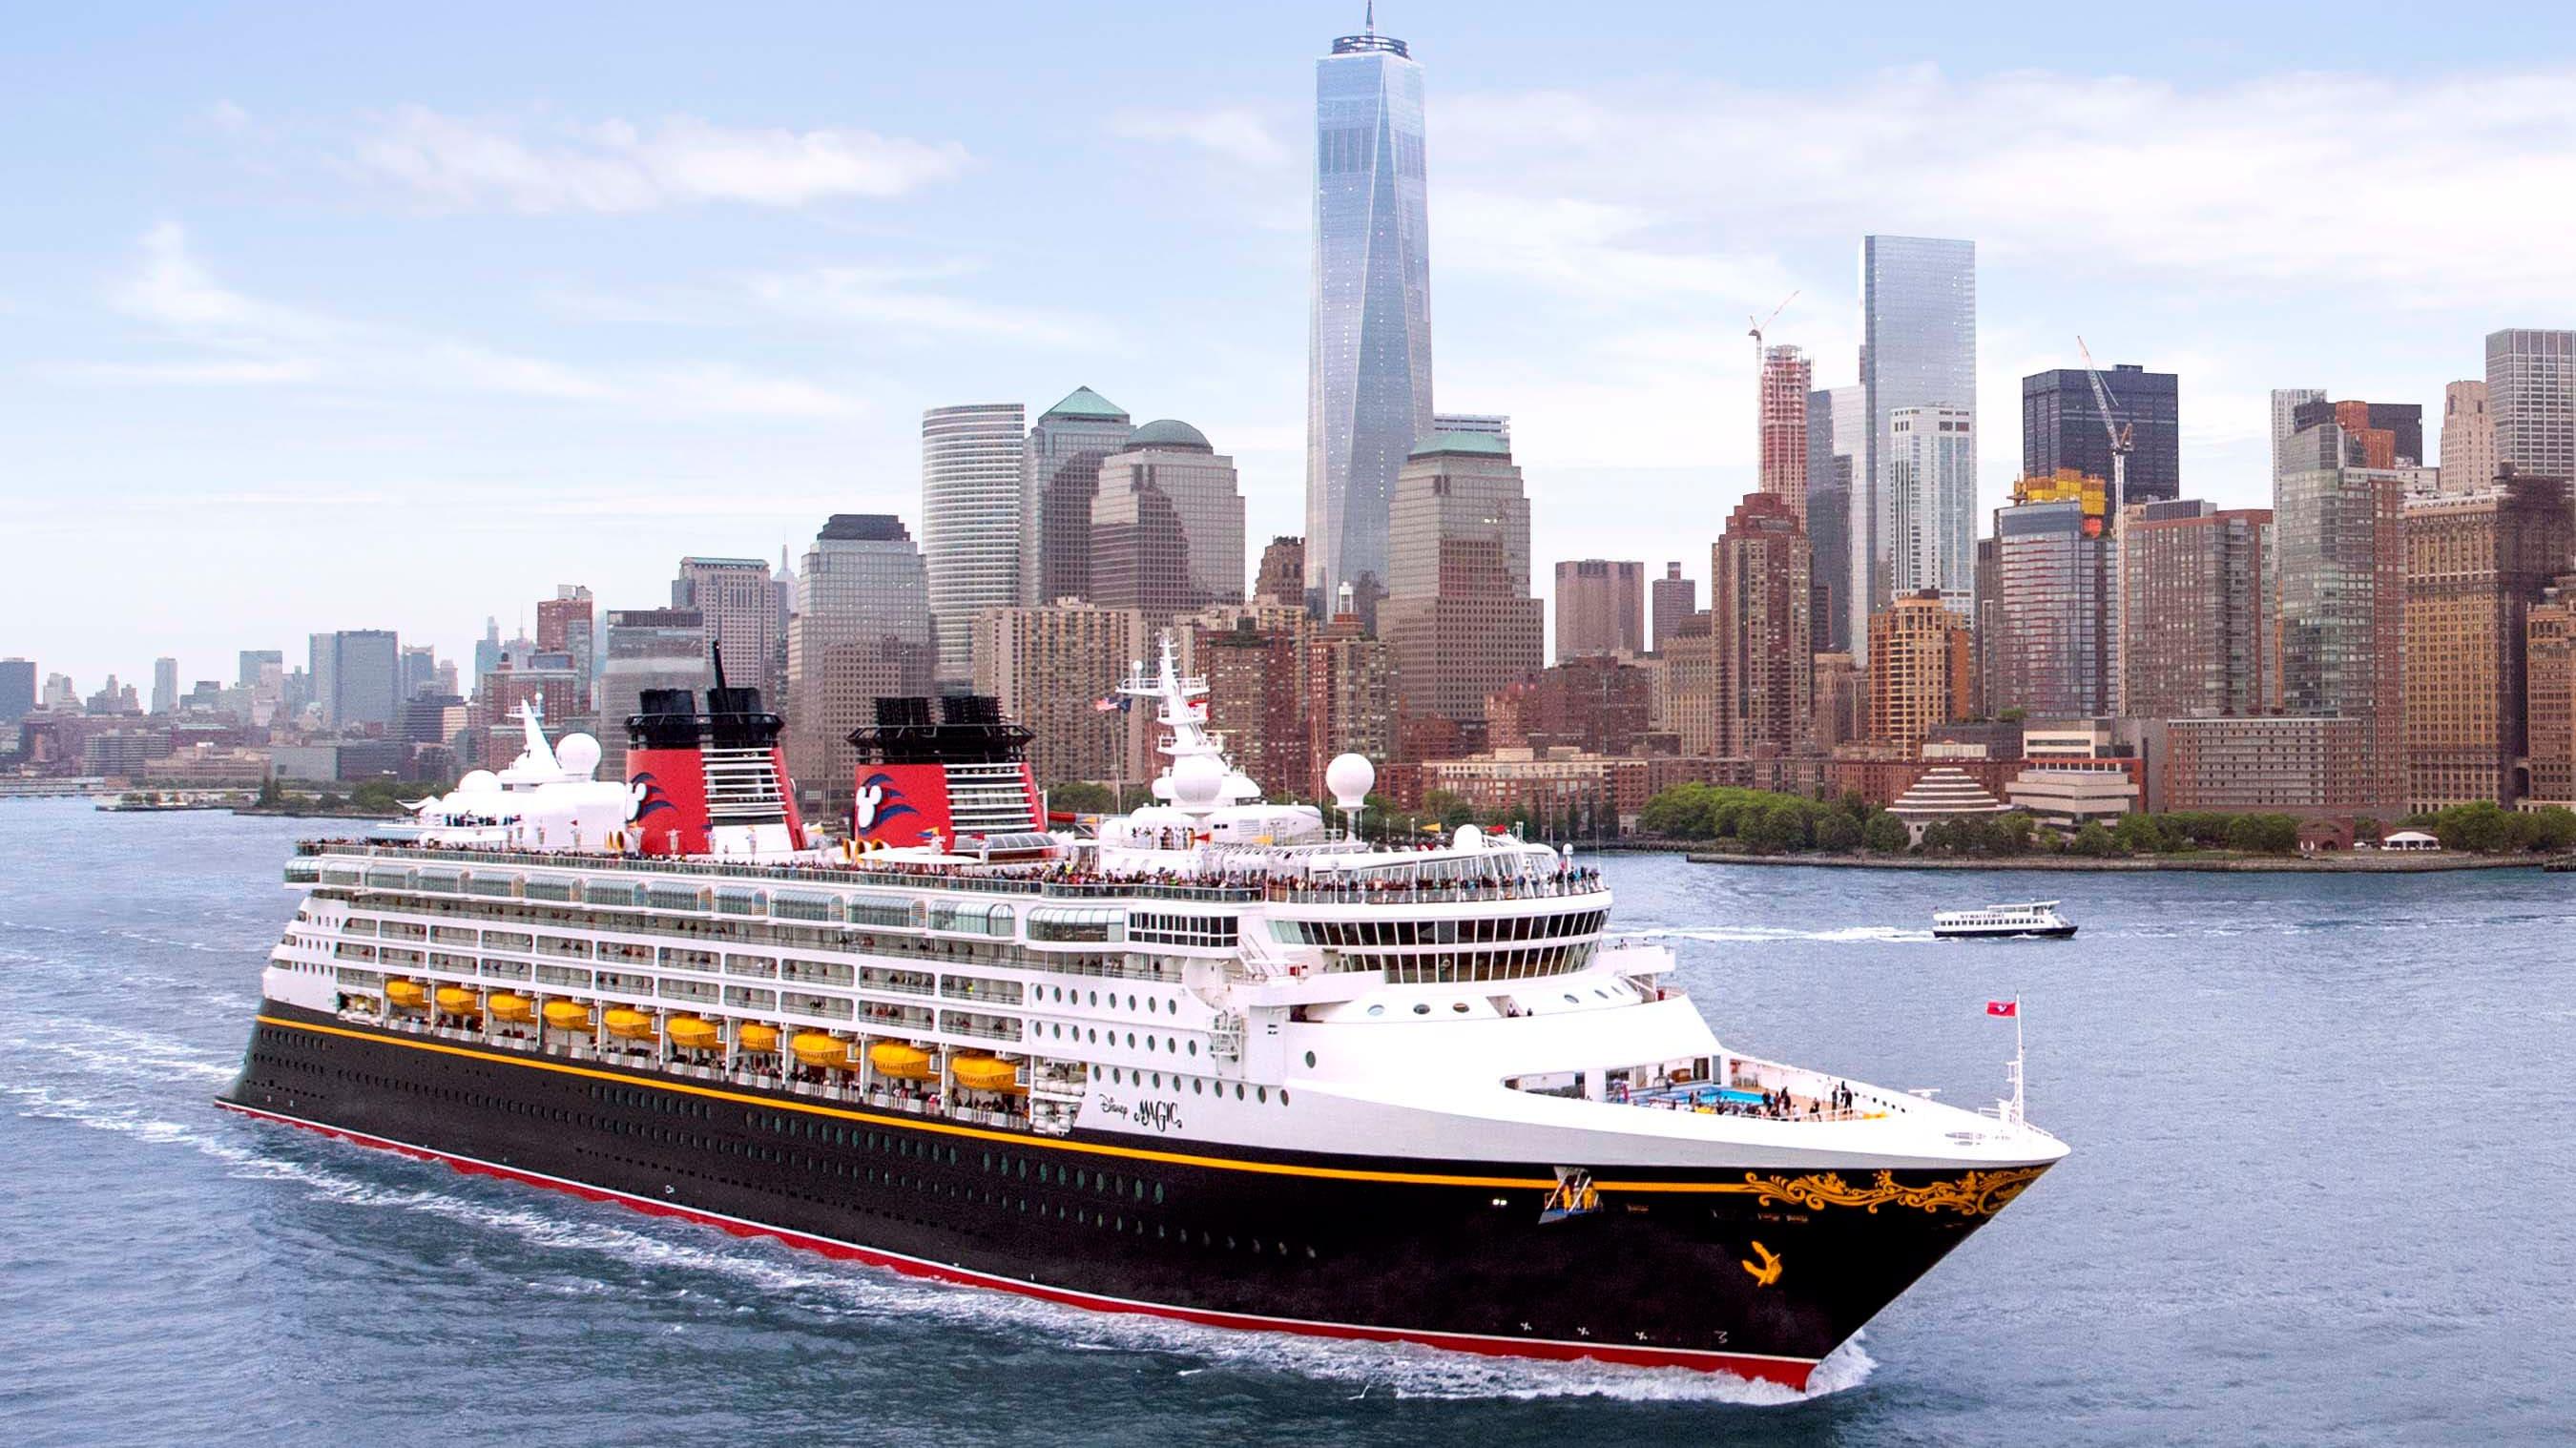 Un barco de Disney Cruise Line navega por el puerto alrededor de Manhattan